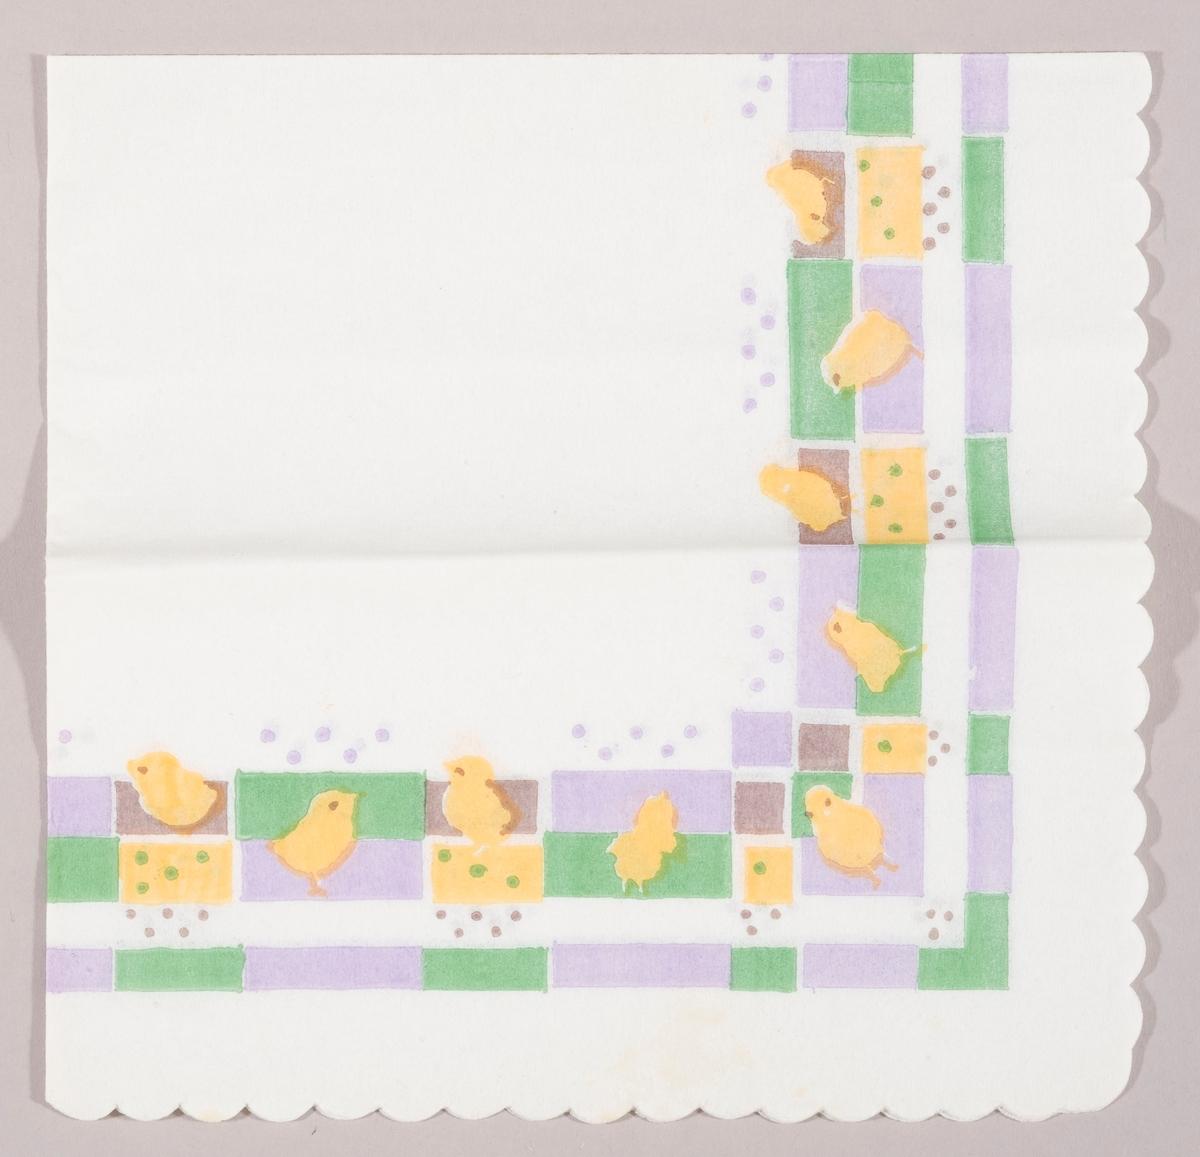 Gule påskekyllinger i et mønster av lilla, grønne og gule avlange firkanter. Firkanter og prikker.